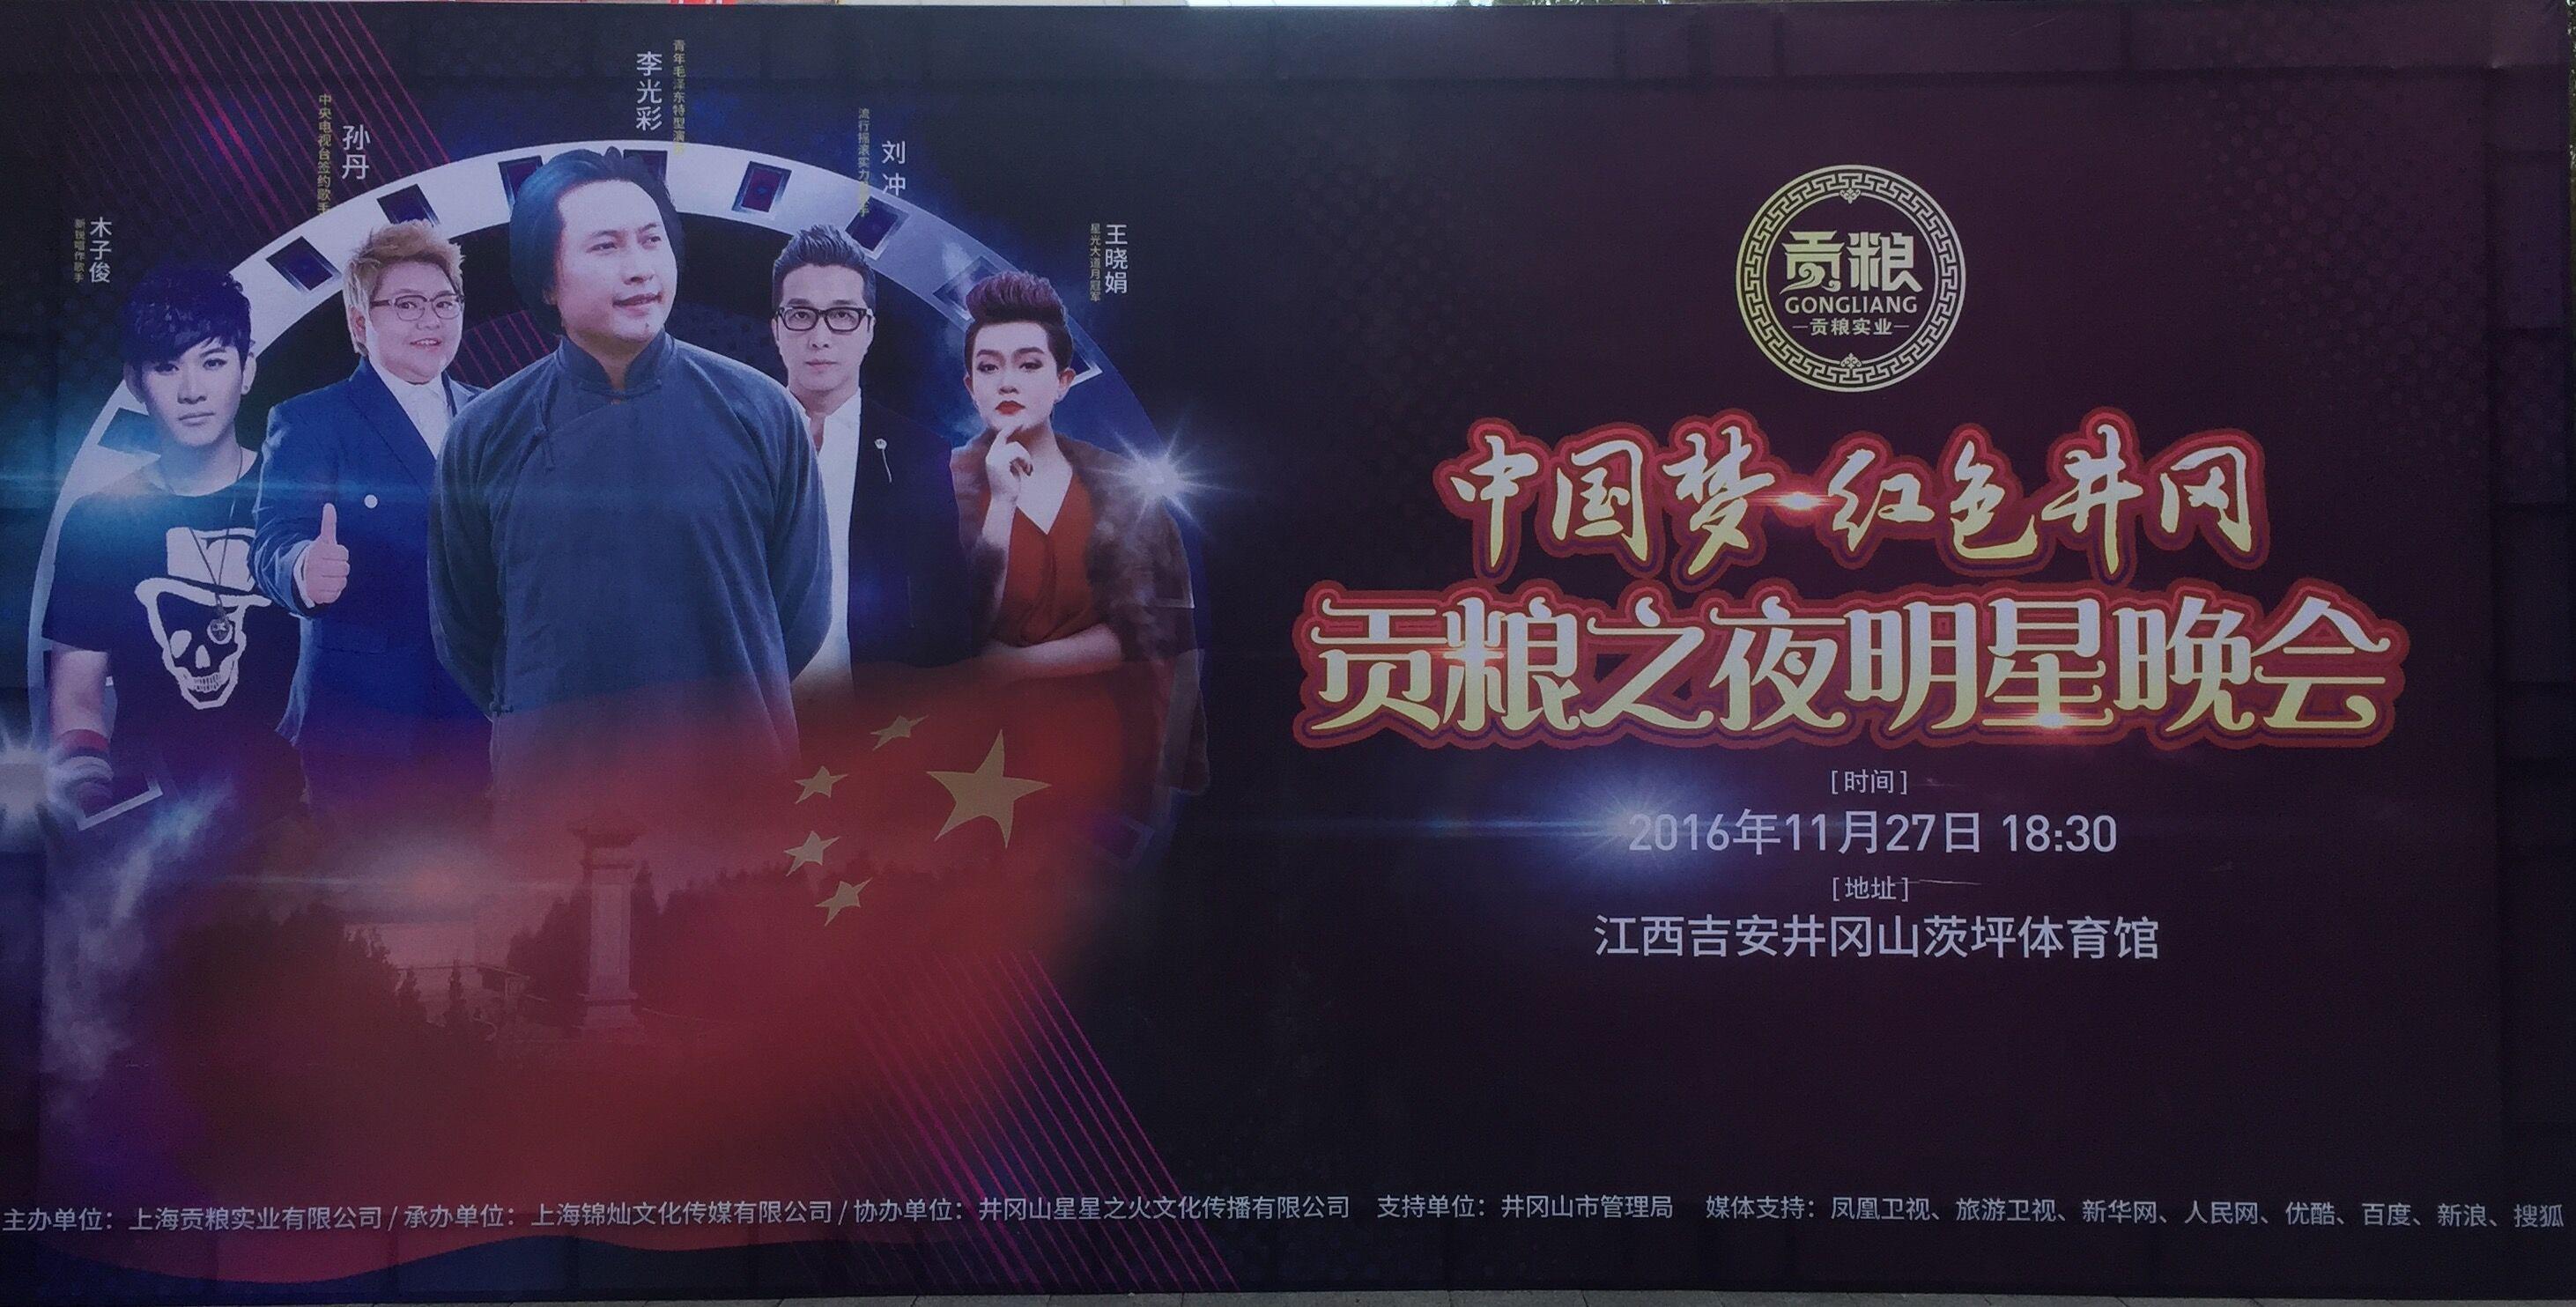 中国梦 红色井冈 贡粮之夜明星演唱会